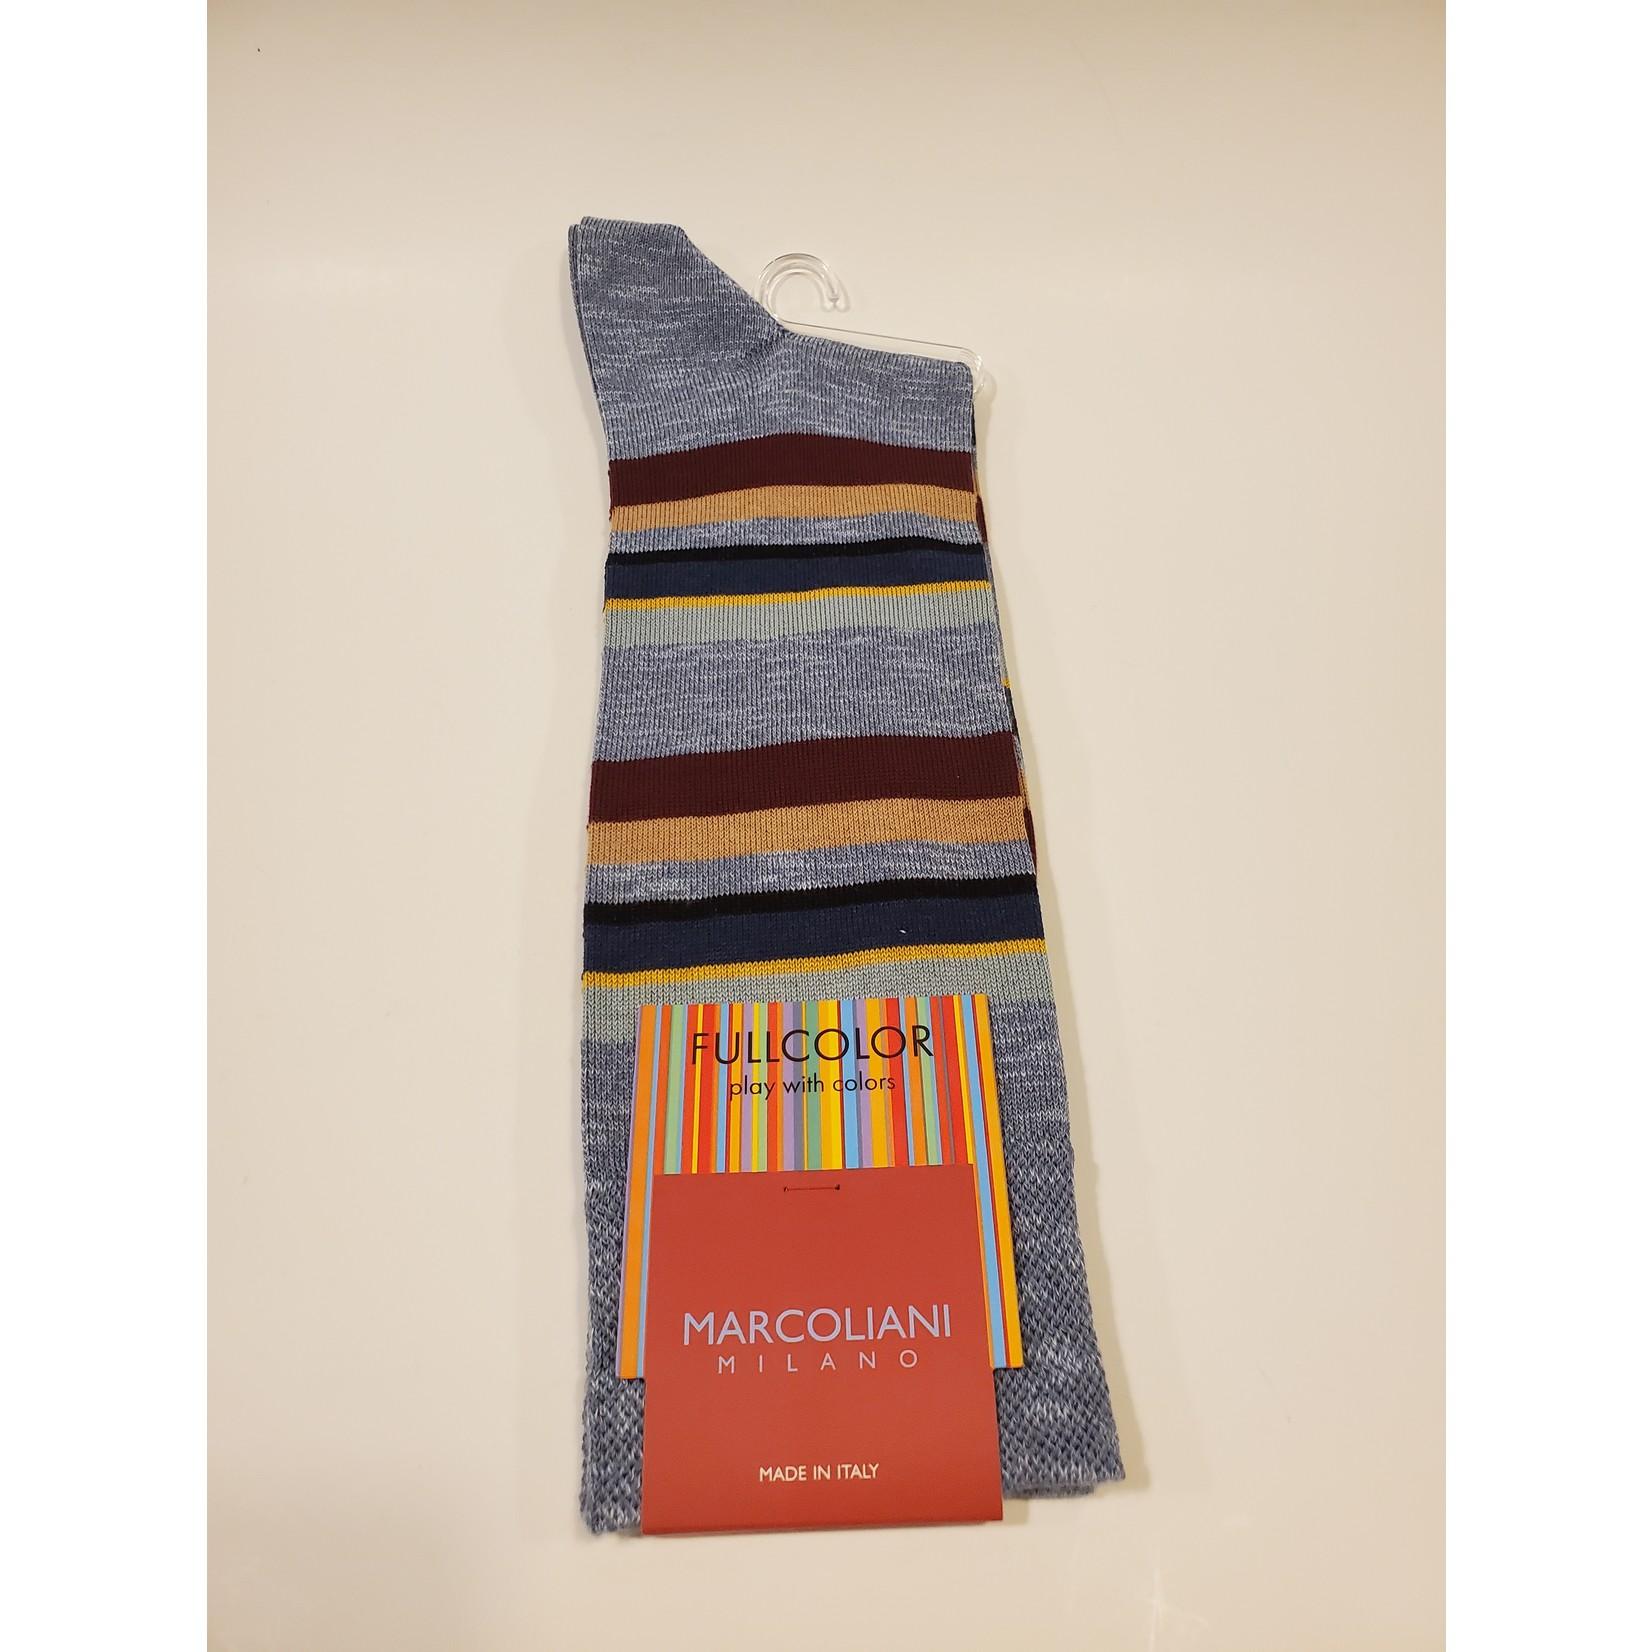 Marcoliani Marcoliani Full Color MAR4522T Eclectic Stripe - 102 Light Blue Denim